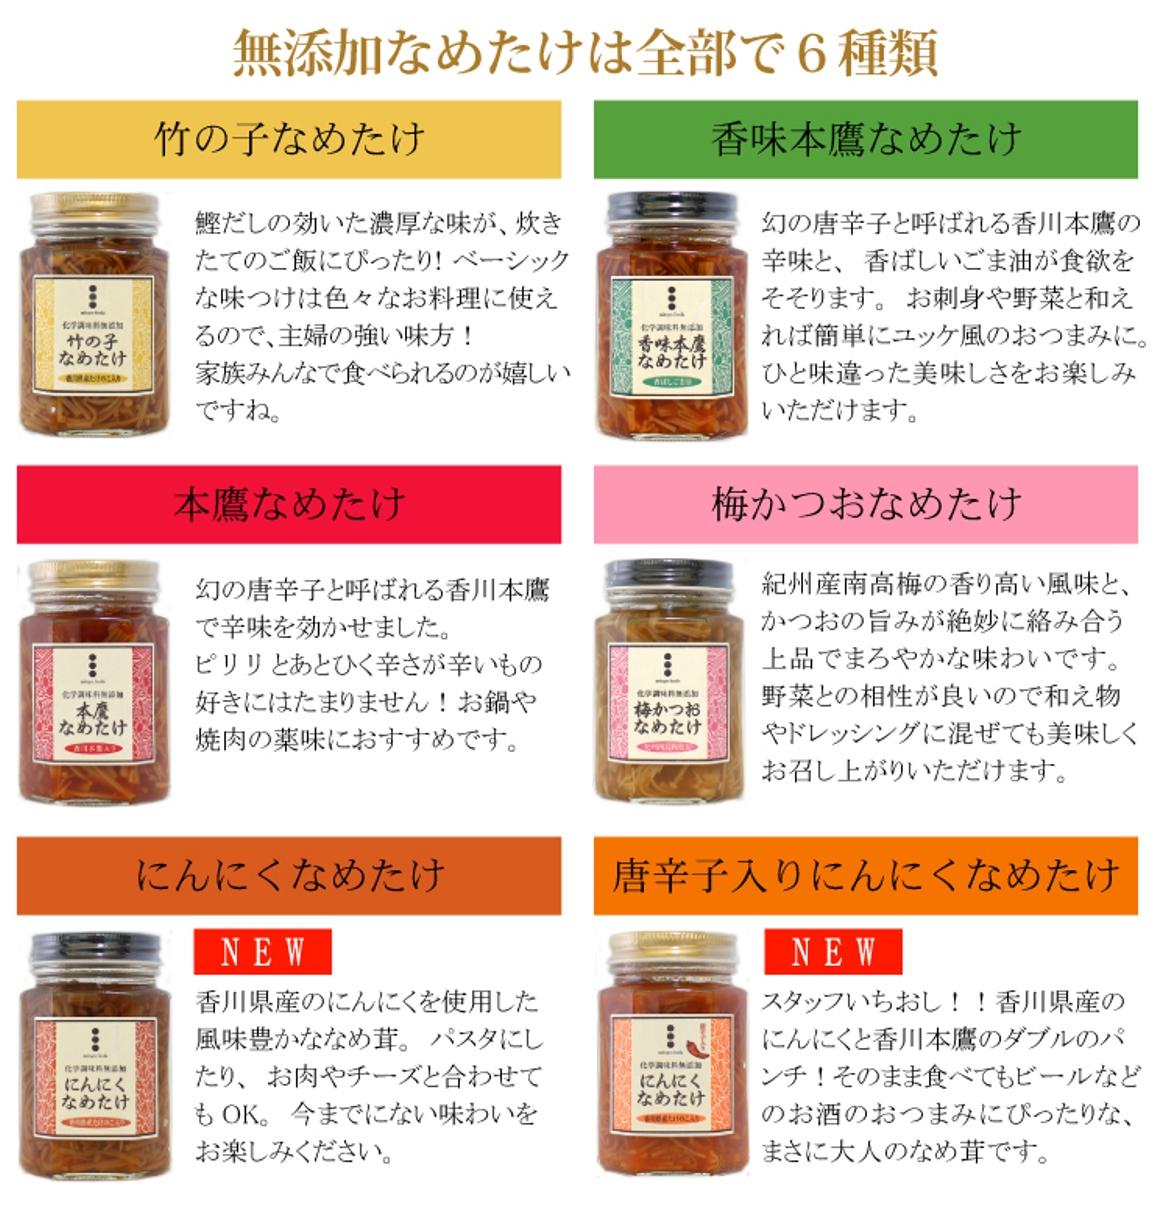 無添加なめたけは全6種類。竹の子・香味本鷹・本鷹・梅かつお・にんにく・唐辛子入りにんにく からお好きな組み合わせをどうぞ。